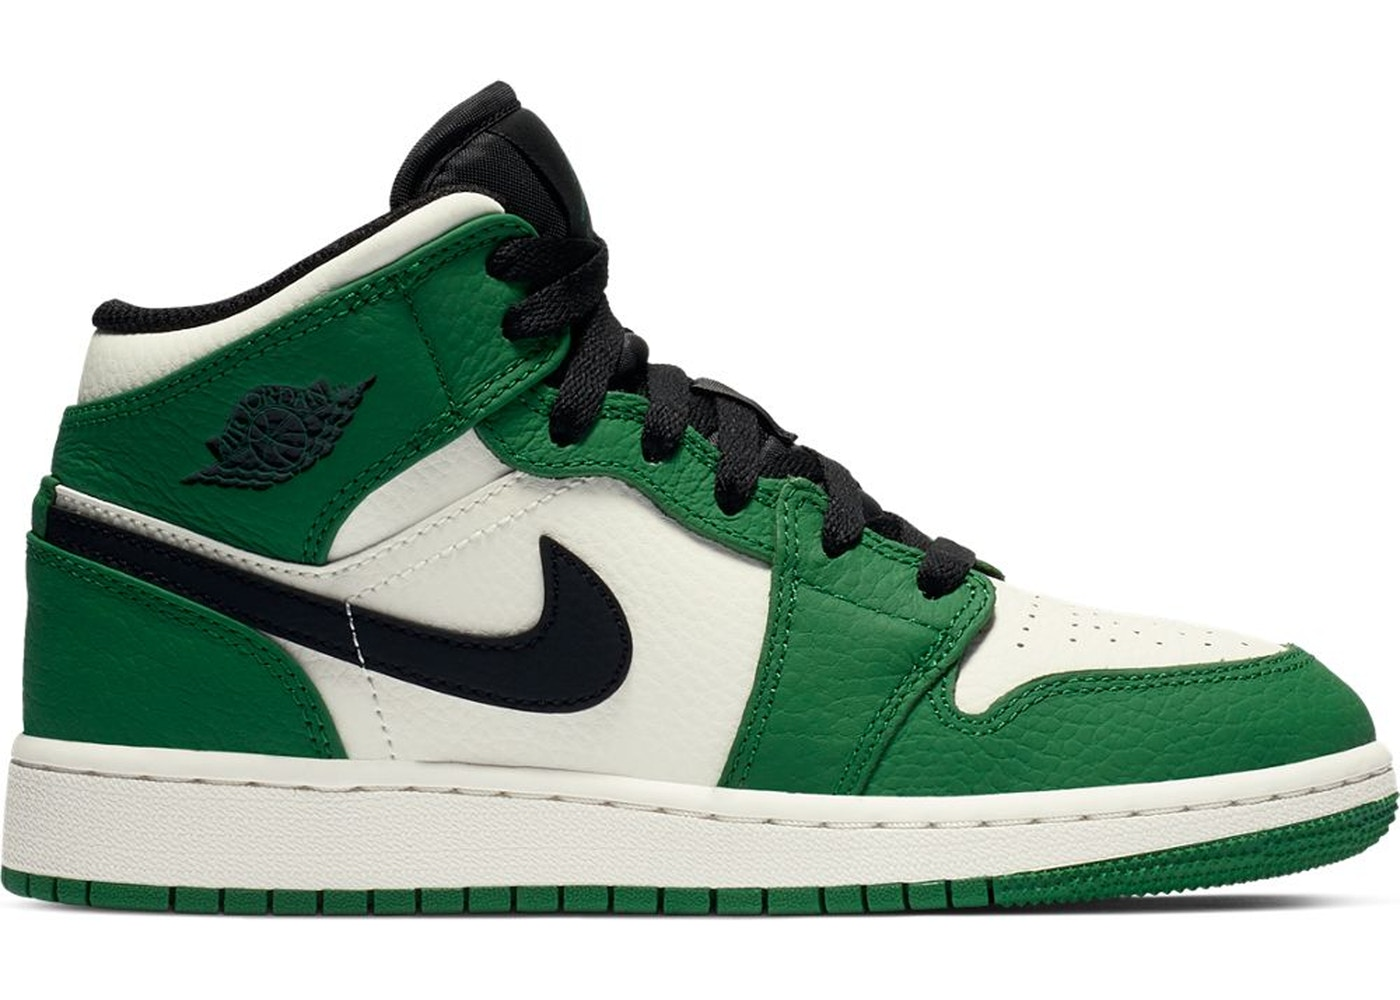 promo code 57c78 6249f Buy Air Jordan 1 Shoes  Deadstock Sneakers